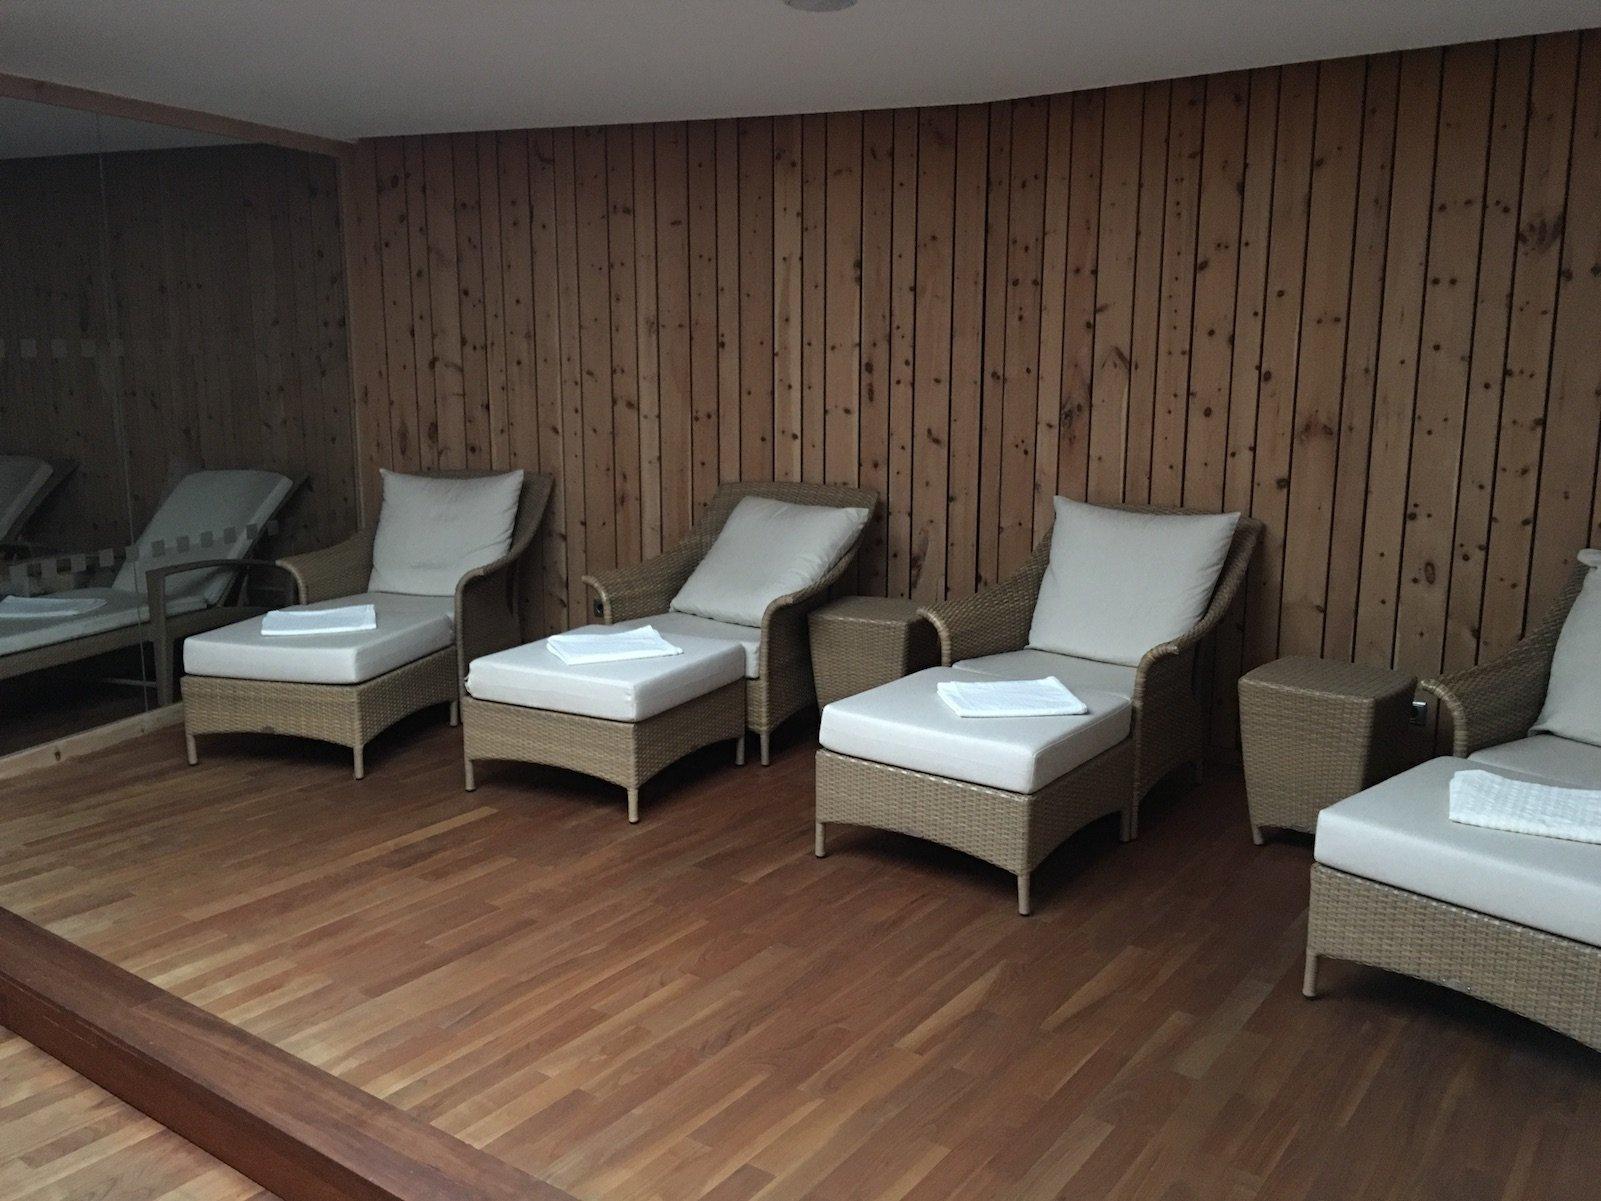 Erholungsbereich im Spa im Hotel Aurora Lech